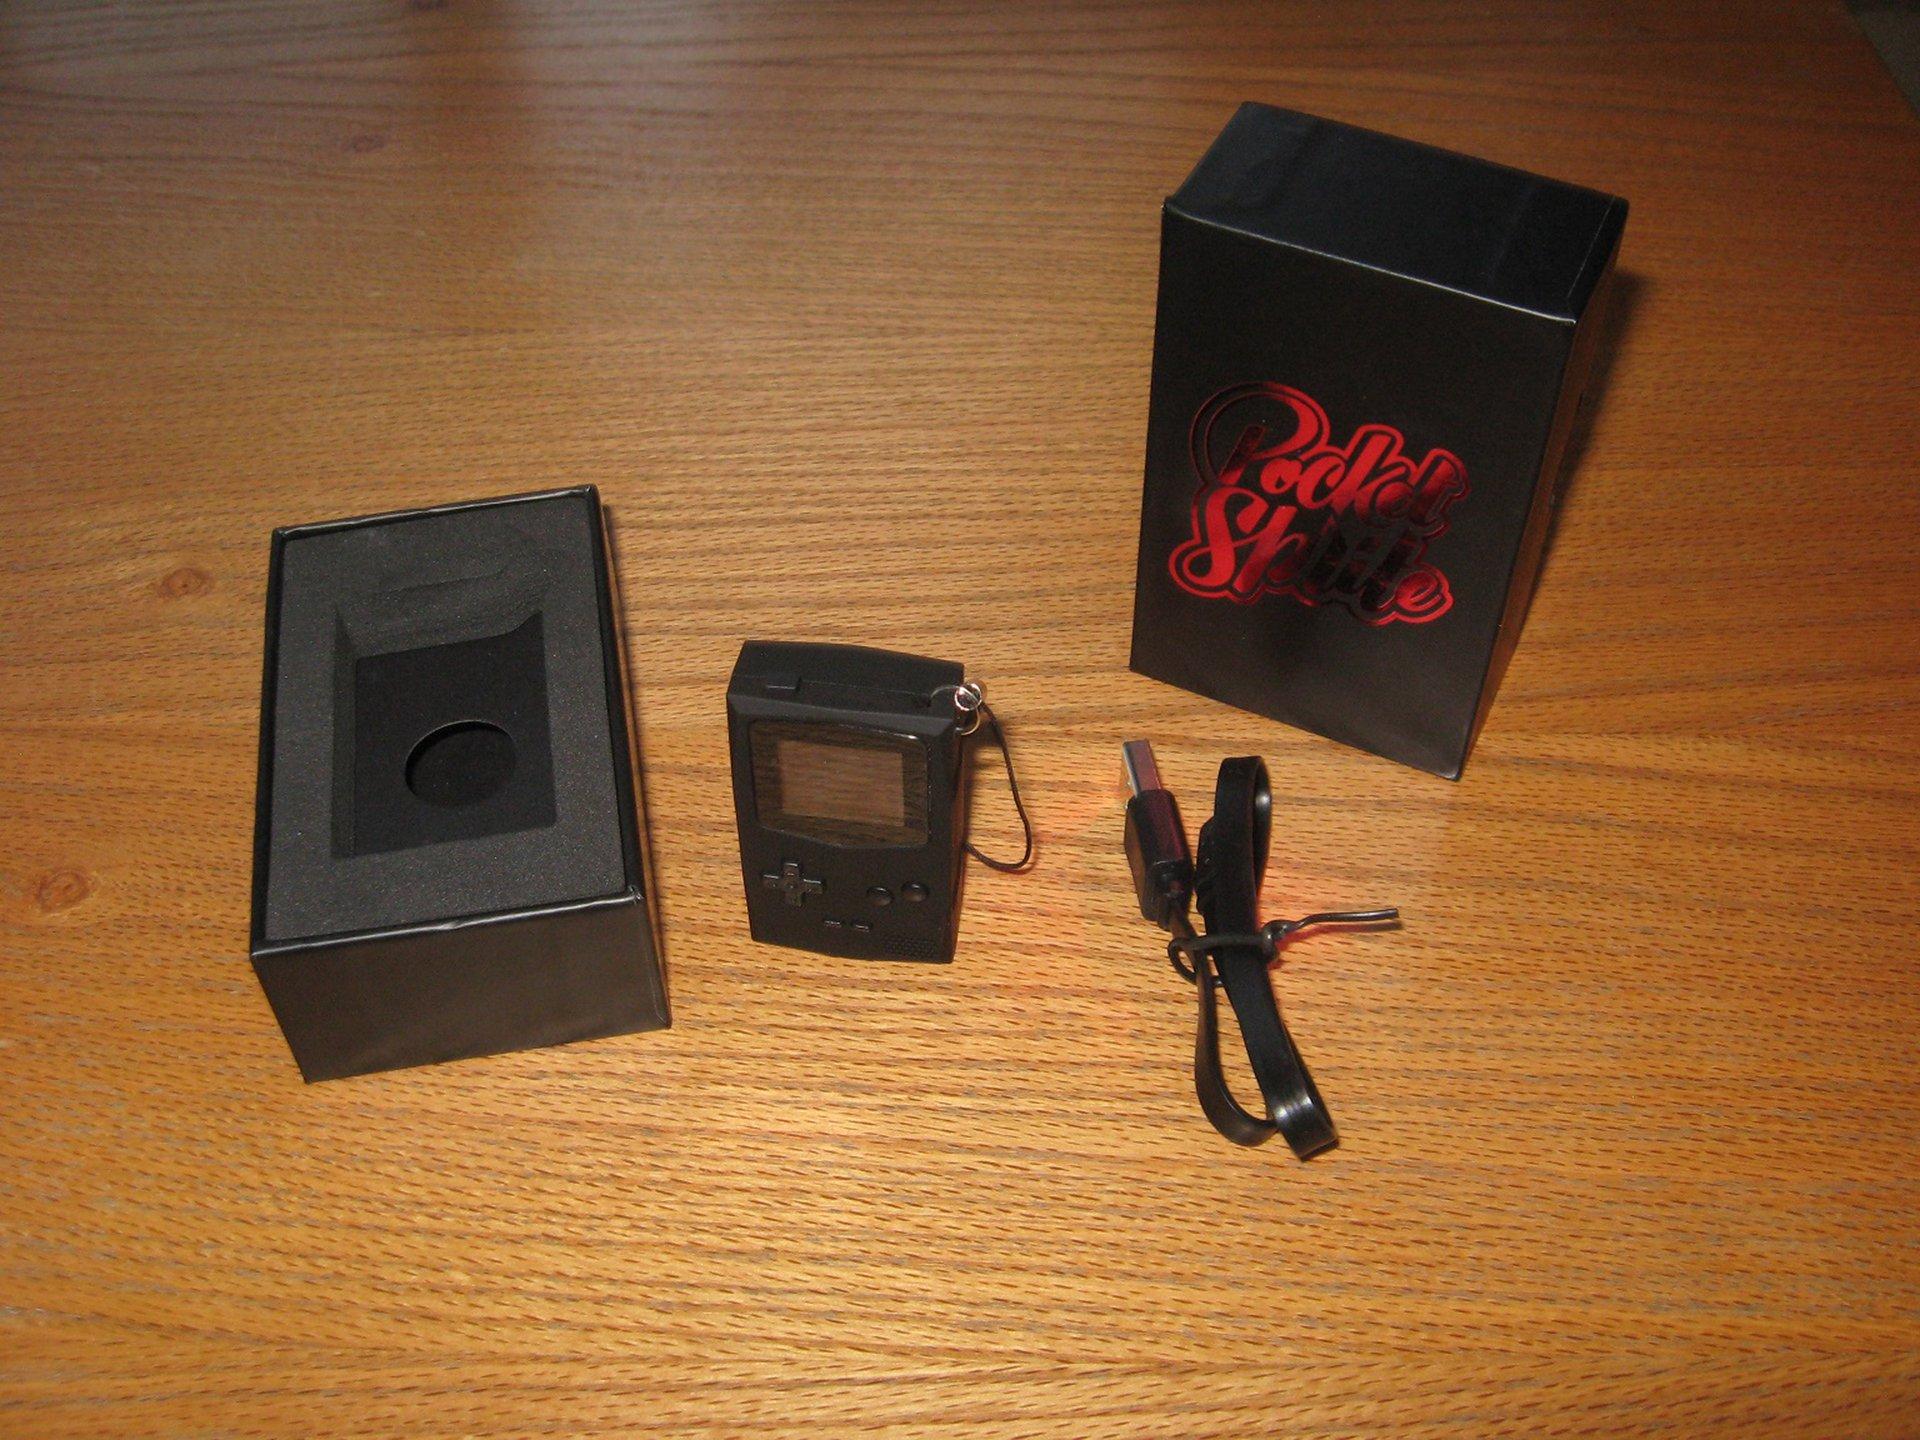 Review: Pocket Sprite photo